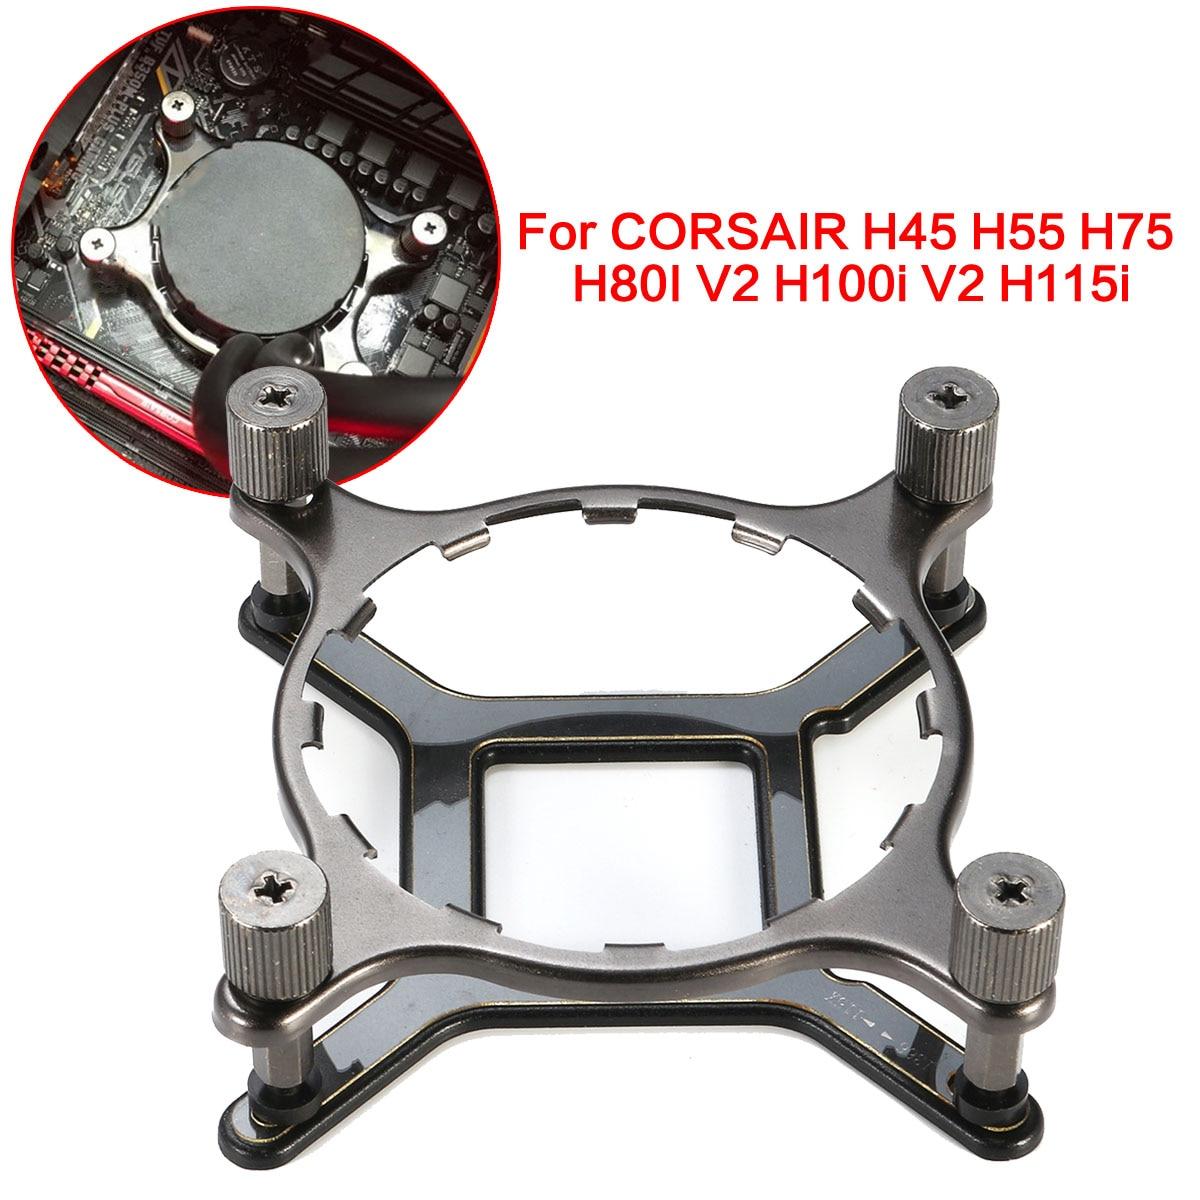 115x 1366 Water Cooler Mounting Bracket Hardware Kit For CORSAIR H55 H75 H80I V2 H100i V2 H115i For Intel LGA 1150 1155 1156